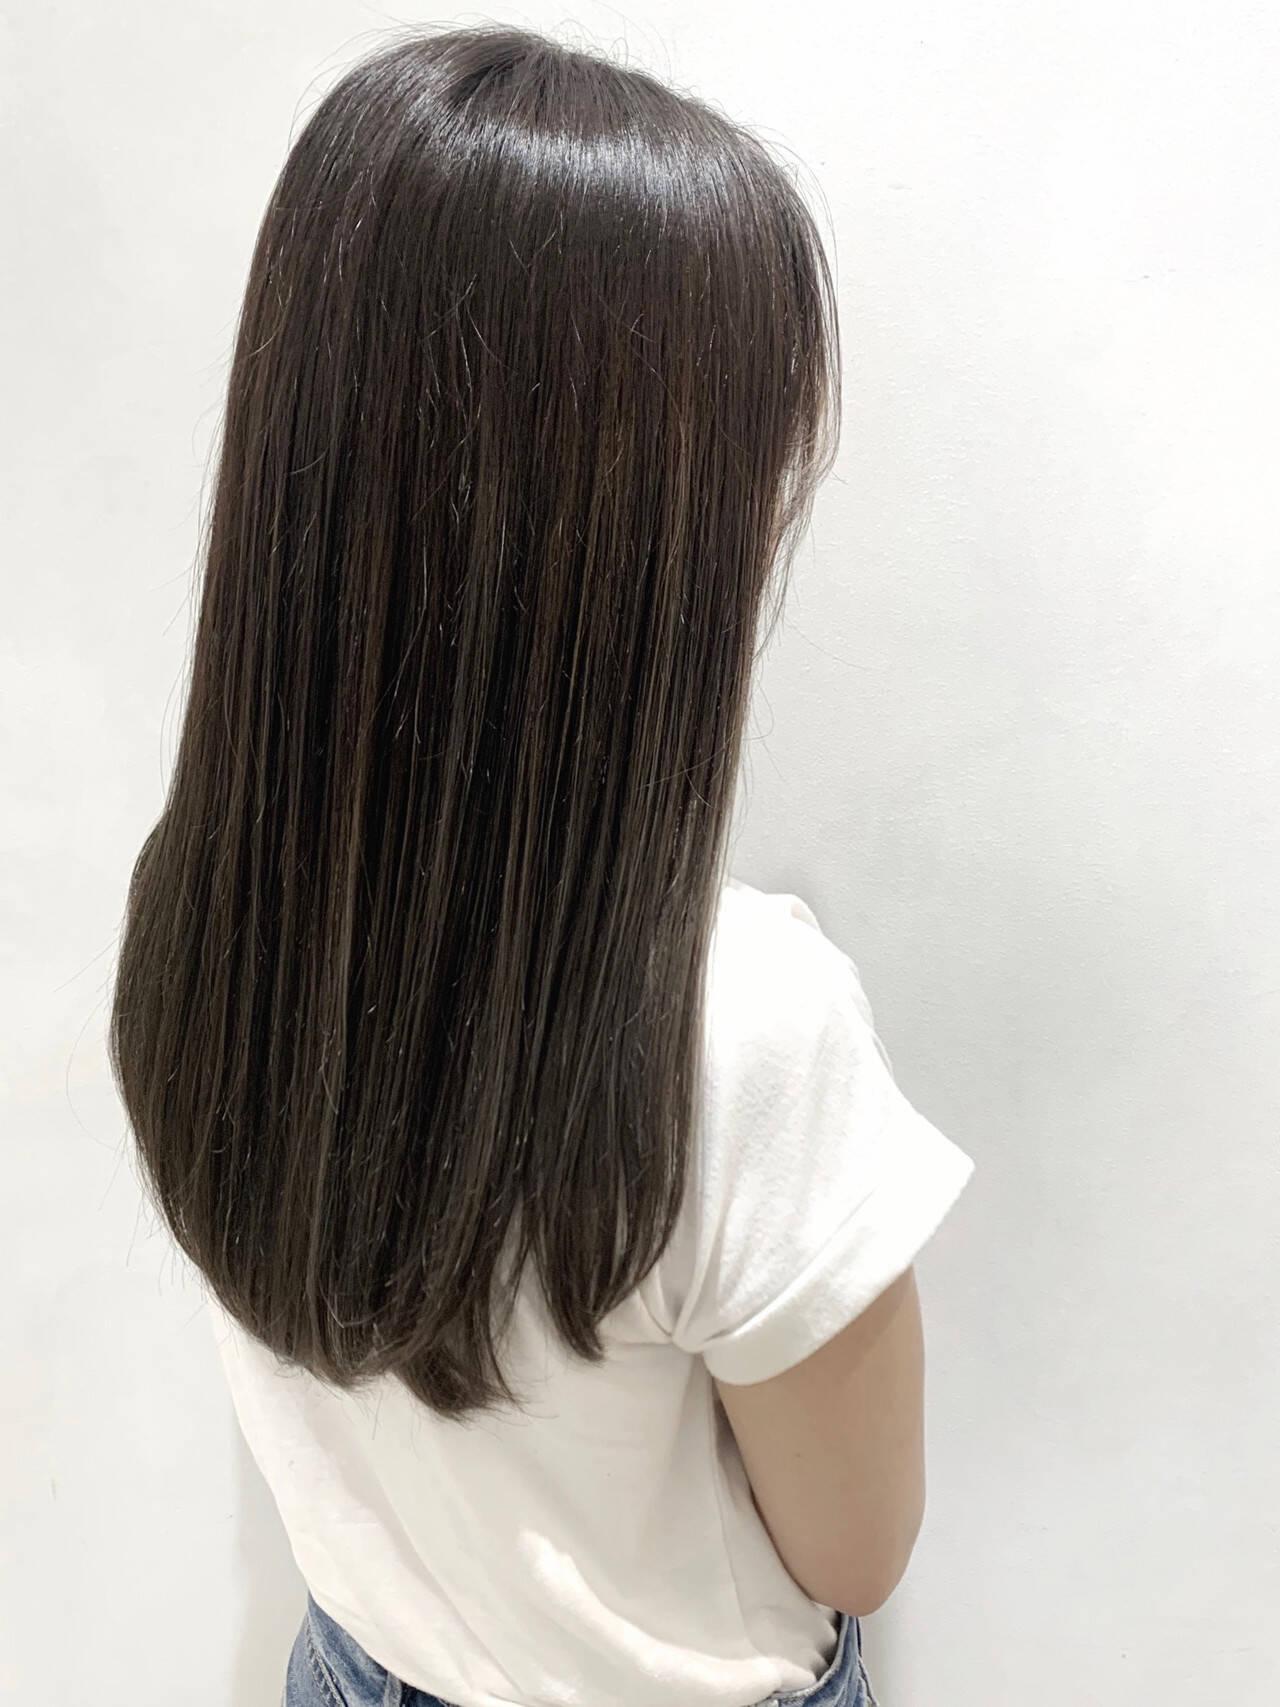 ハイライト ストリート 極細ハイライト 大人ハイライトヘアスタイルや髪型の写真・画像